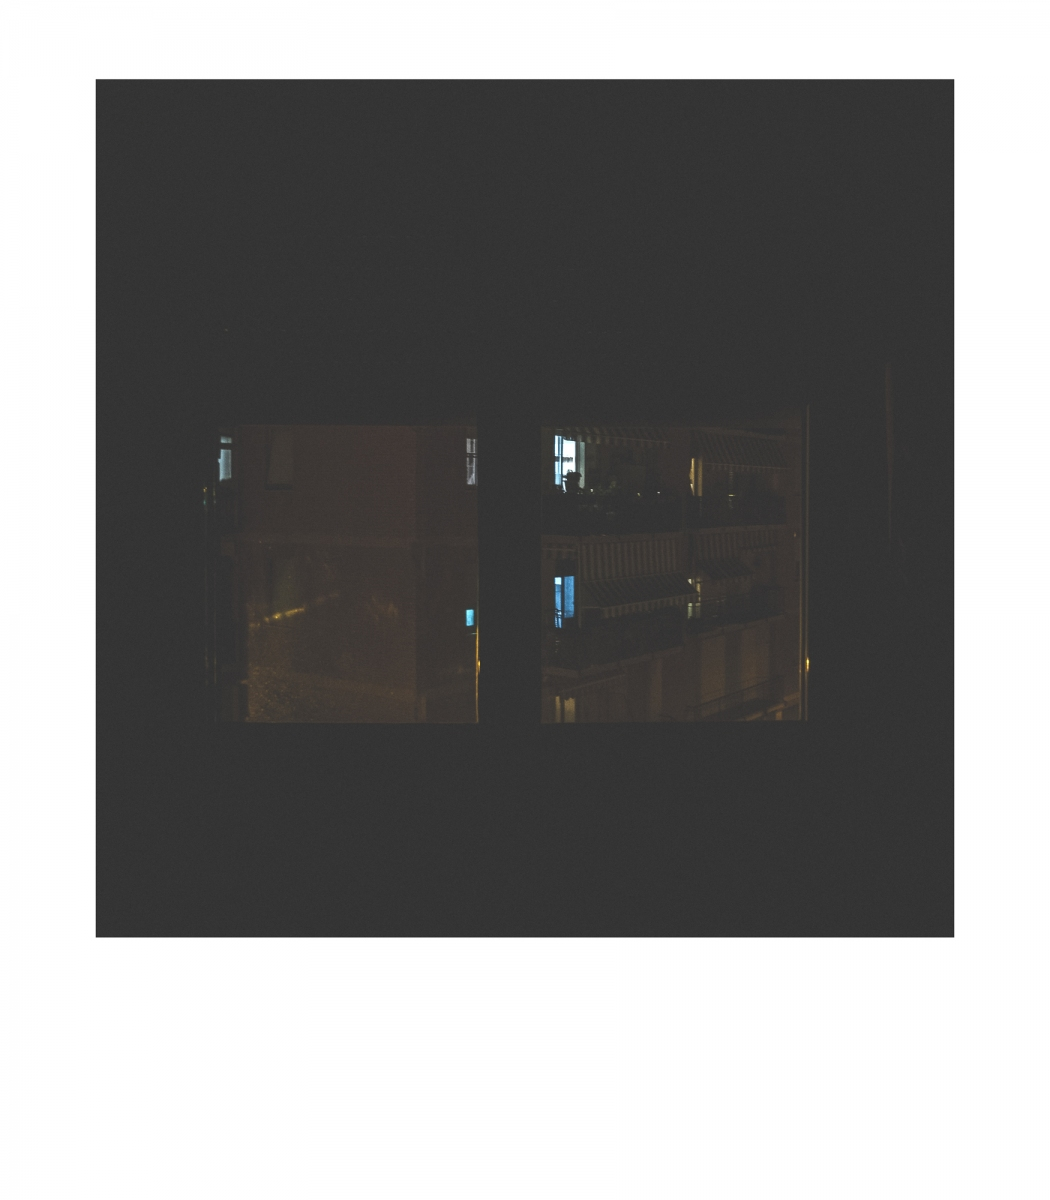 10-DSCF3831-P1-2